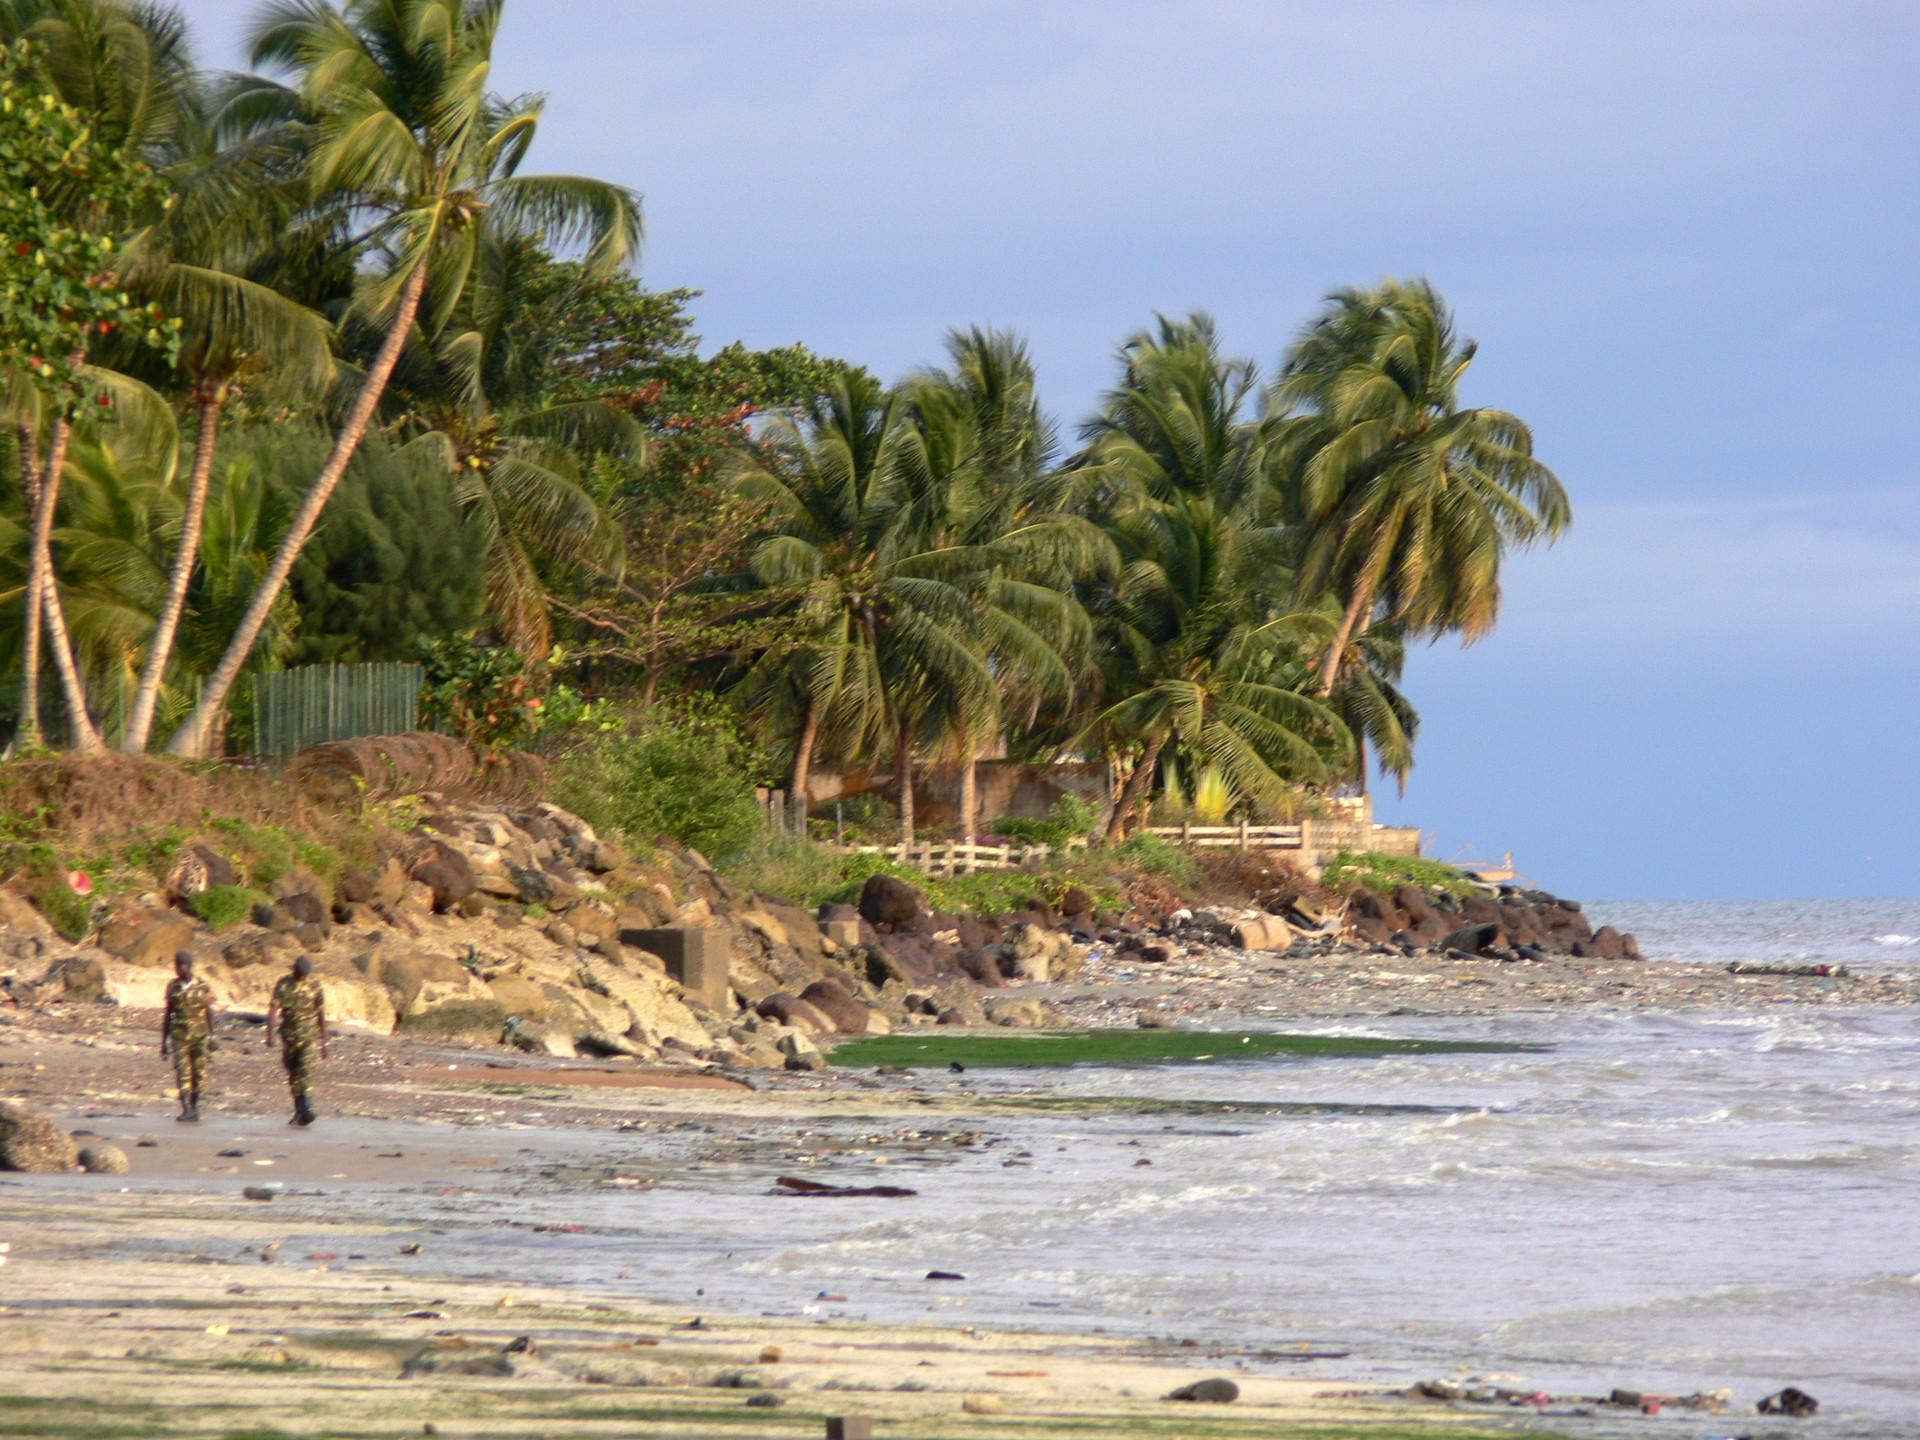 Esperienza a Libreville, Gabon di Tiffany